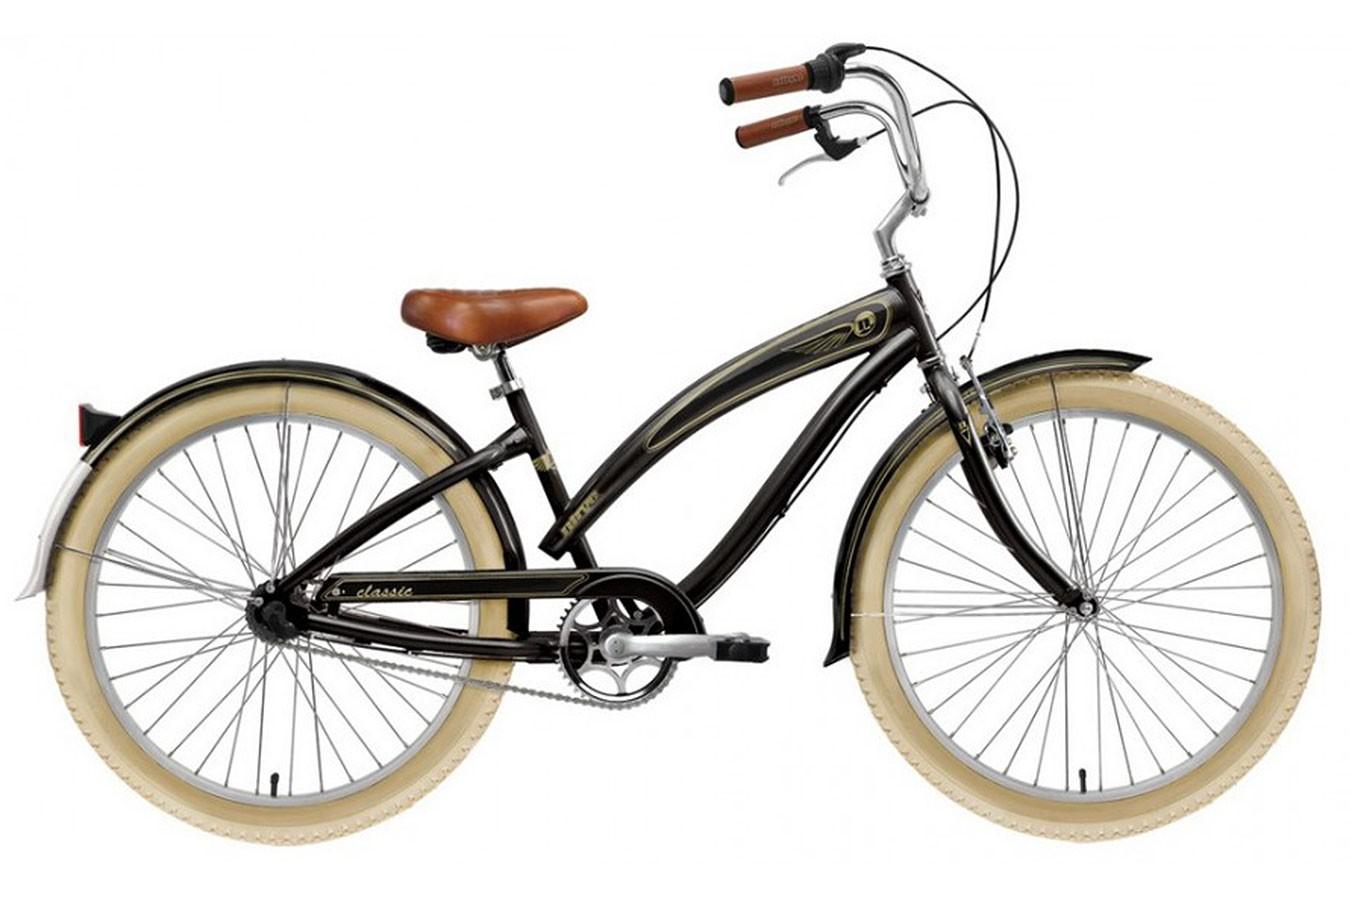 Bicicleta cruiser feminina classic 3 marchas nexus nirve for Classic 3